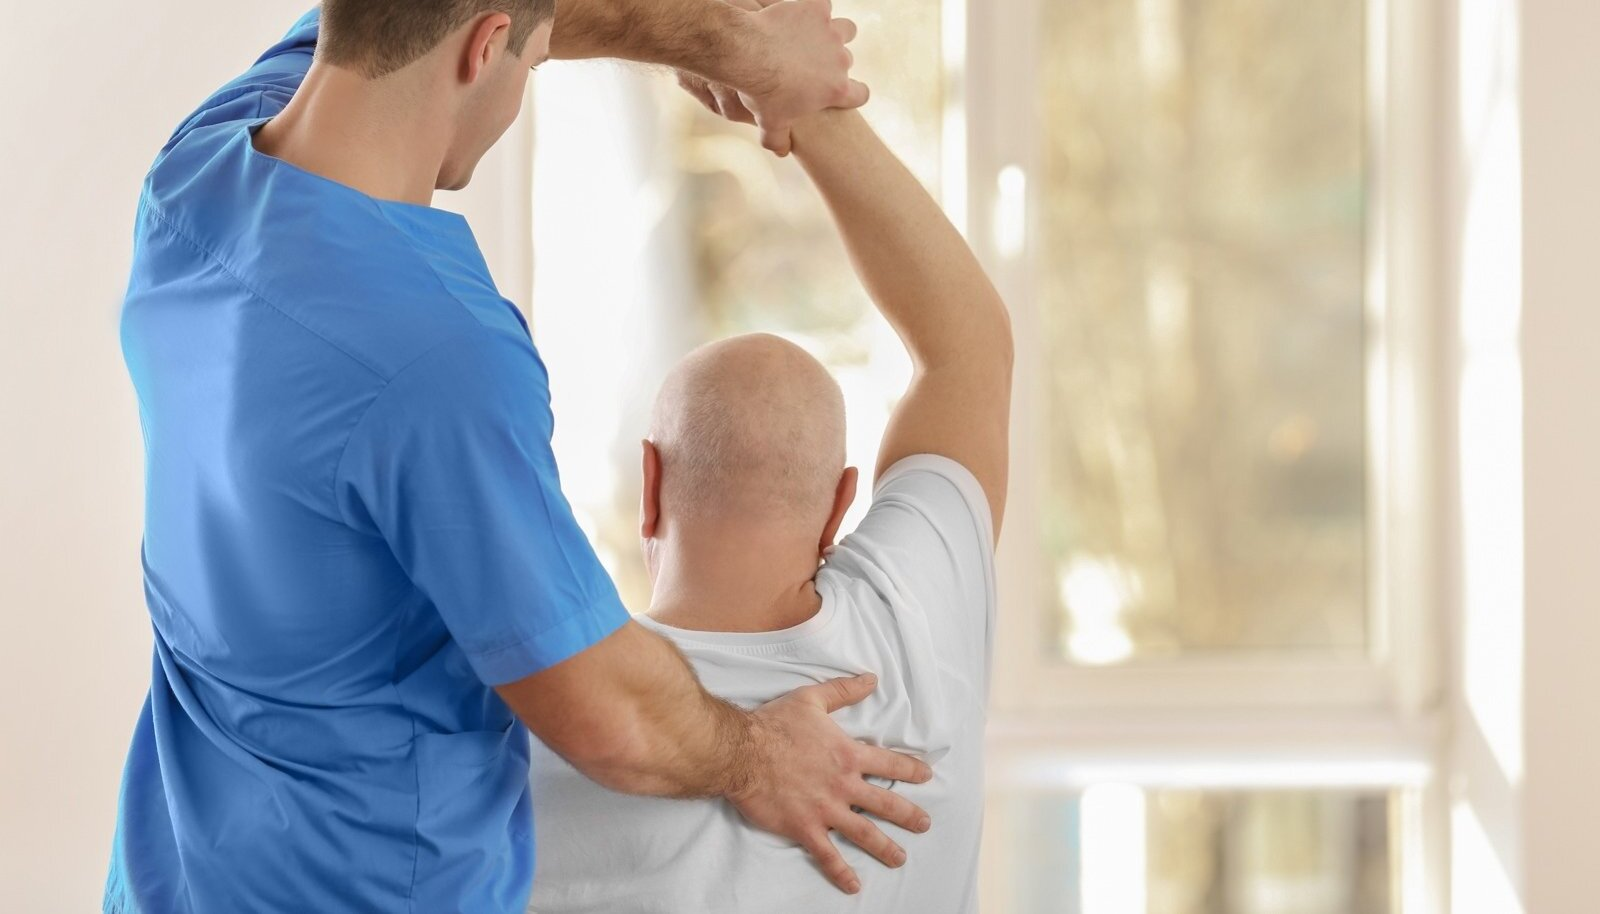 haiget liigeste kaes, mida teha Kuidas ravida dusplaasia